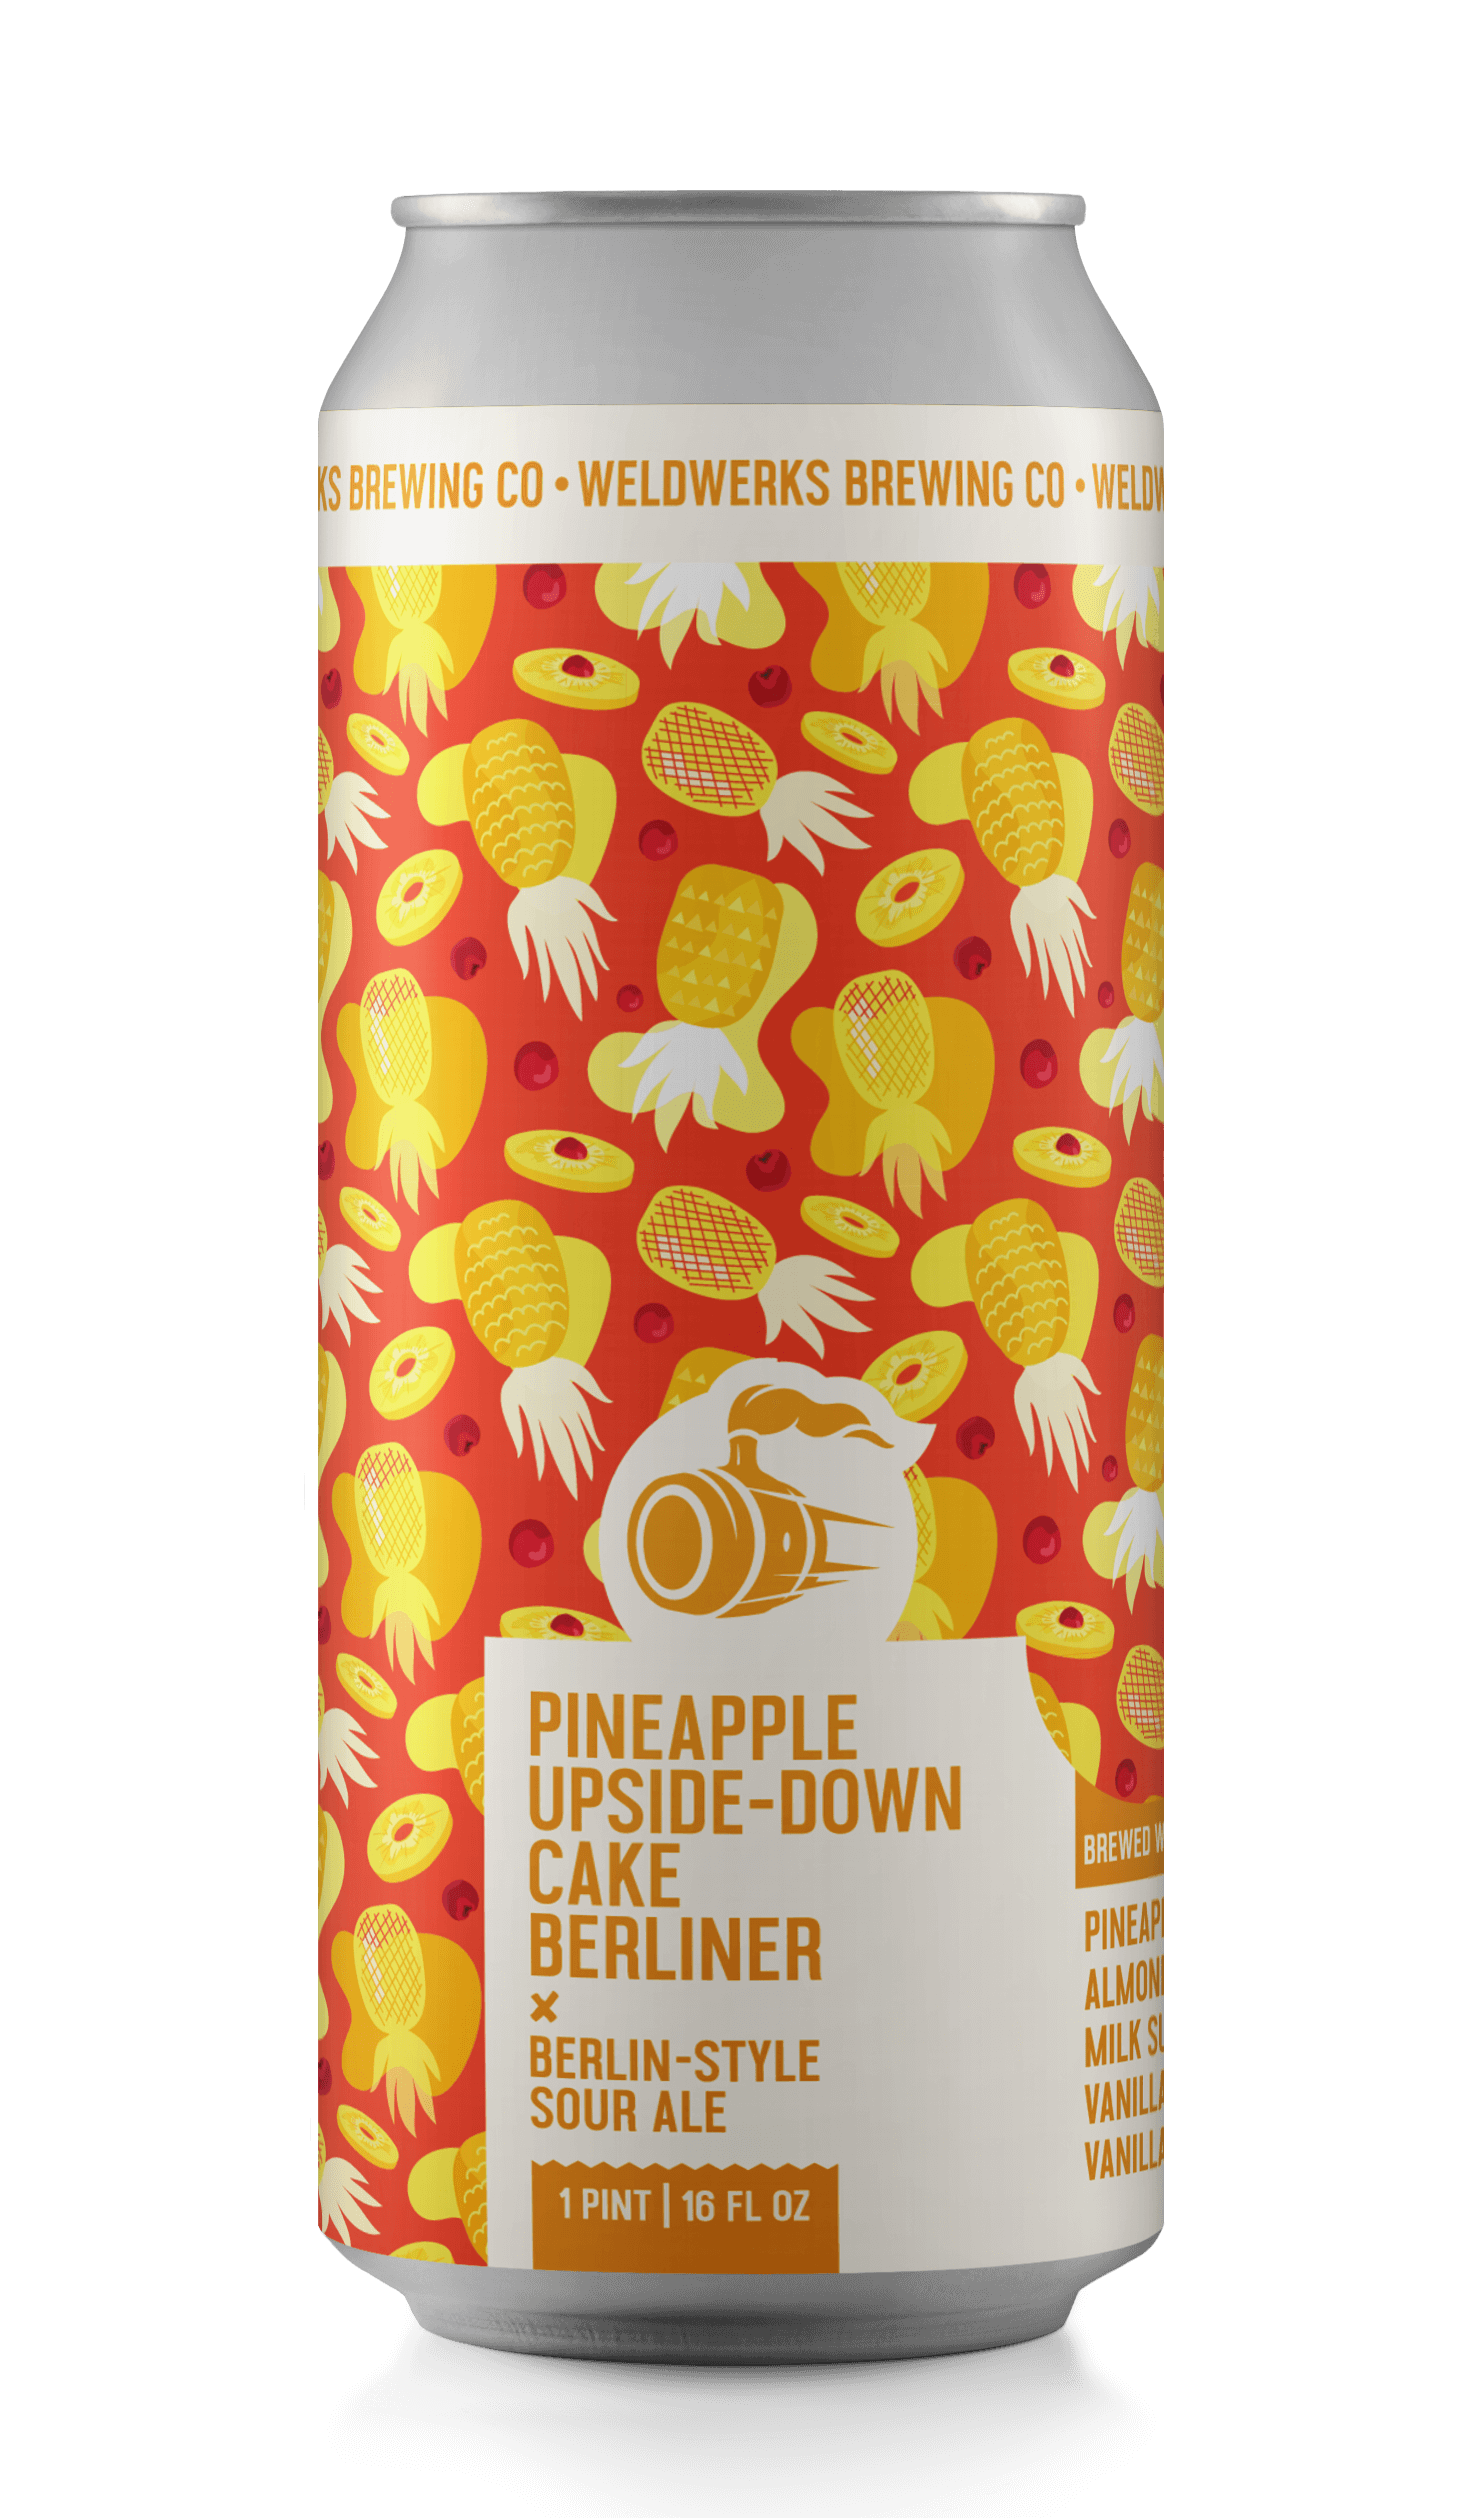 Pineapple Upside-Down Cake Berliner